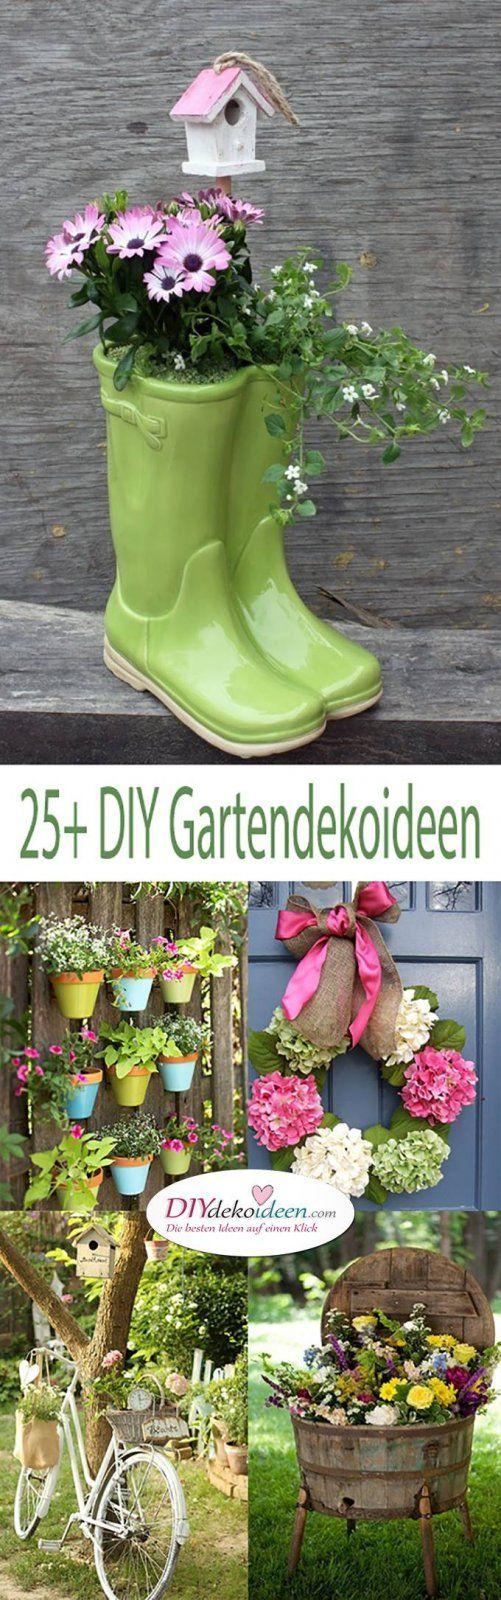 DIY Gartendeko Selber Machen U2013 25+ Dekoideen Für Den Frühling | Zukünftige  Projekte | Pinterest | Garten, Gardens And Planters